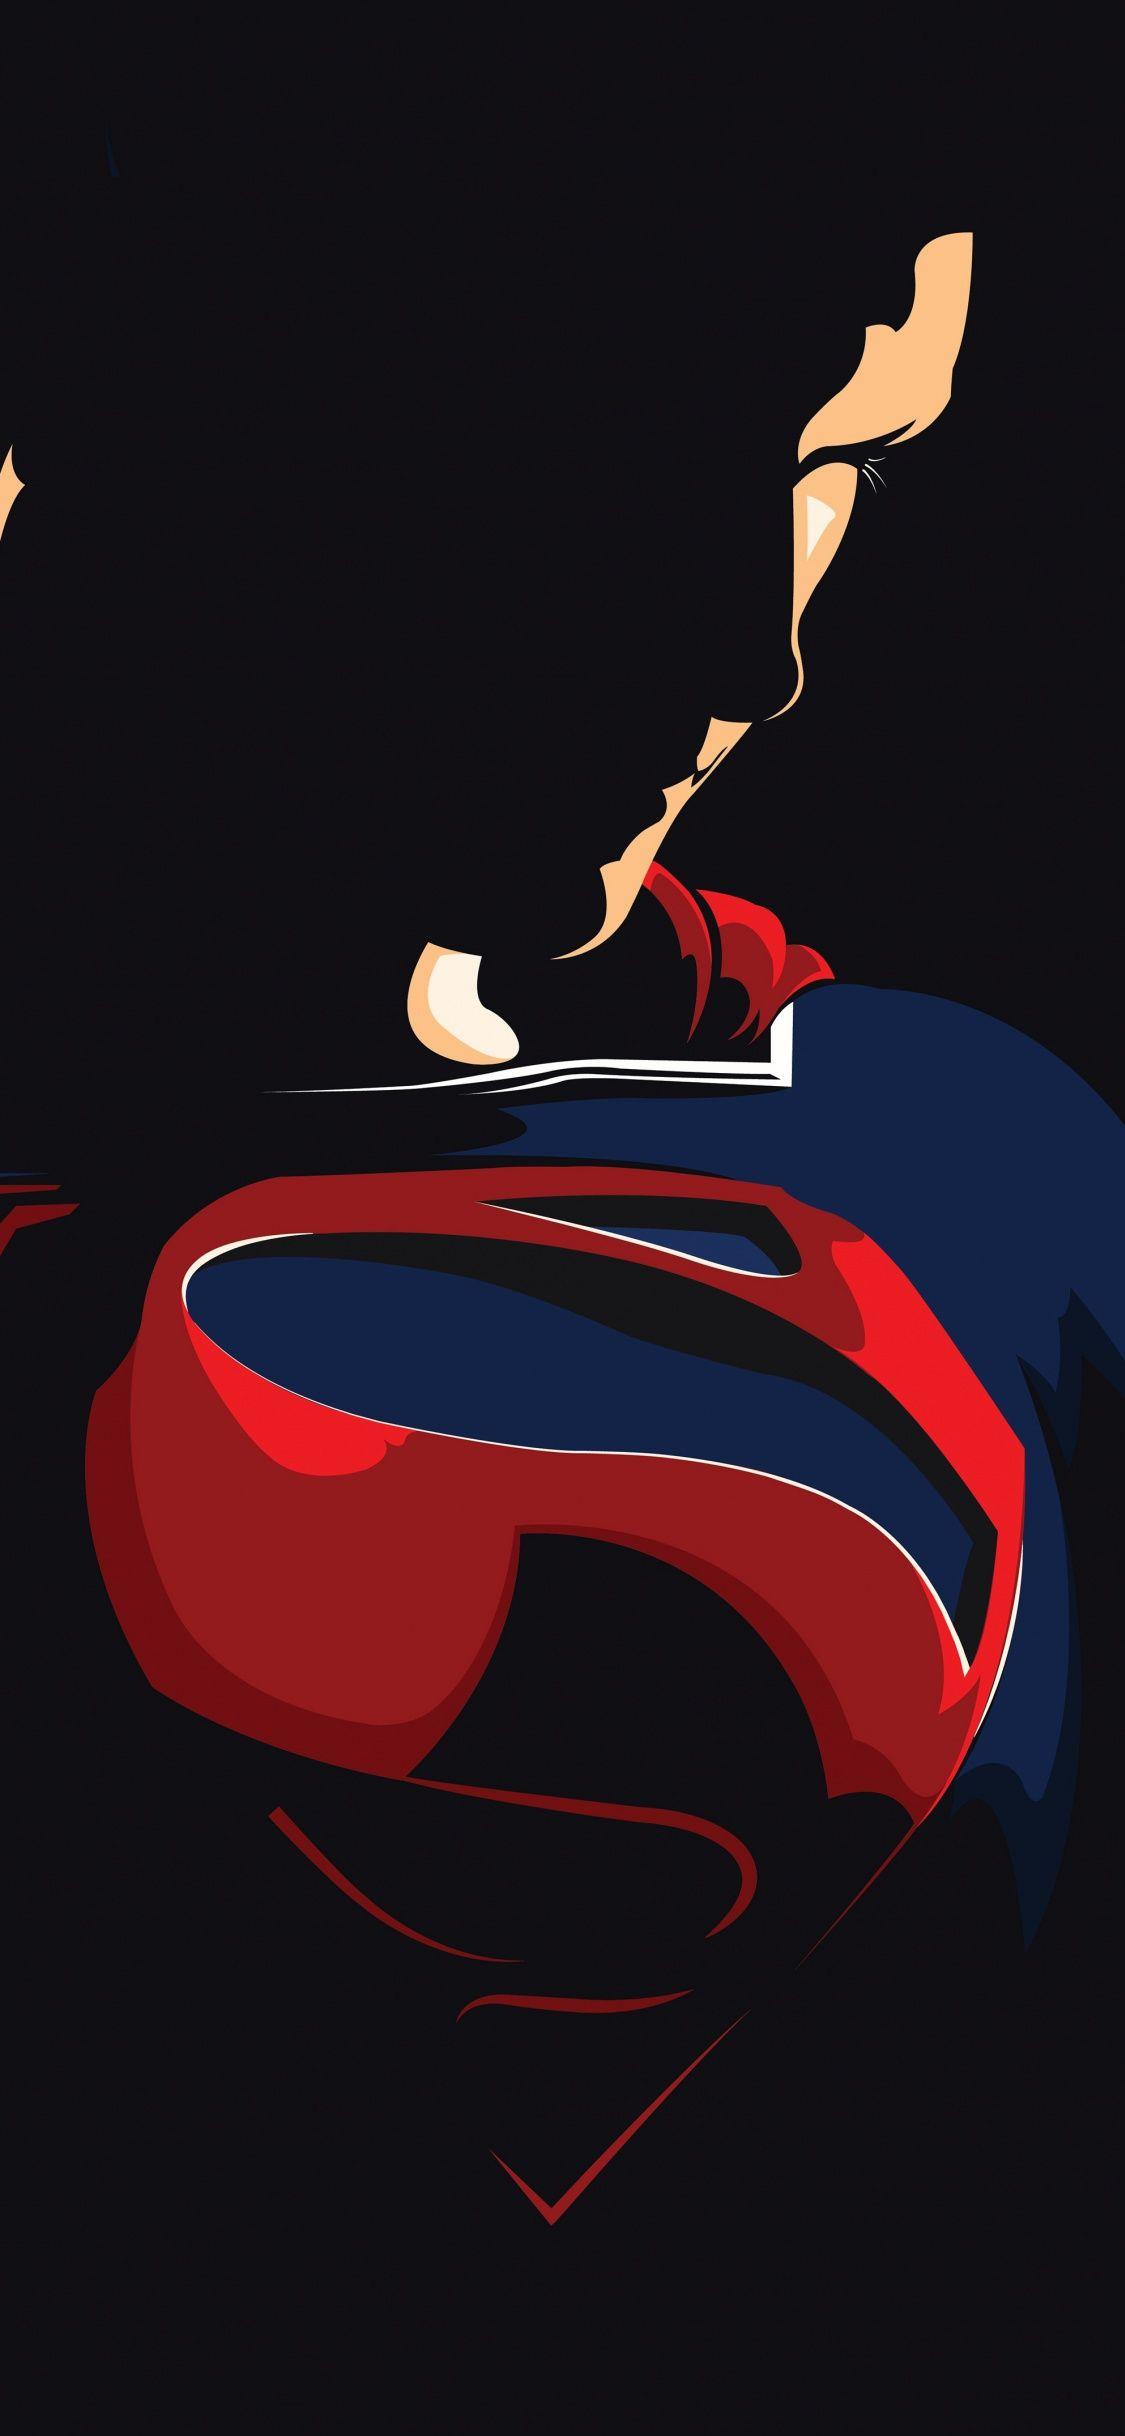 Download 1125x2436 Wallpaper Superman Justice League Minimal And Dark Dc Comics Iphone X 1125x Dc Comics Wallpaper Superman Hd Wallpaper Superman Wallpaper